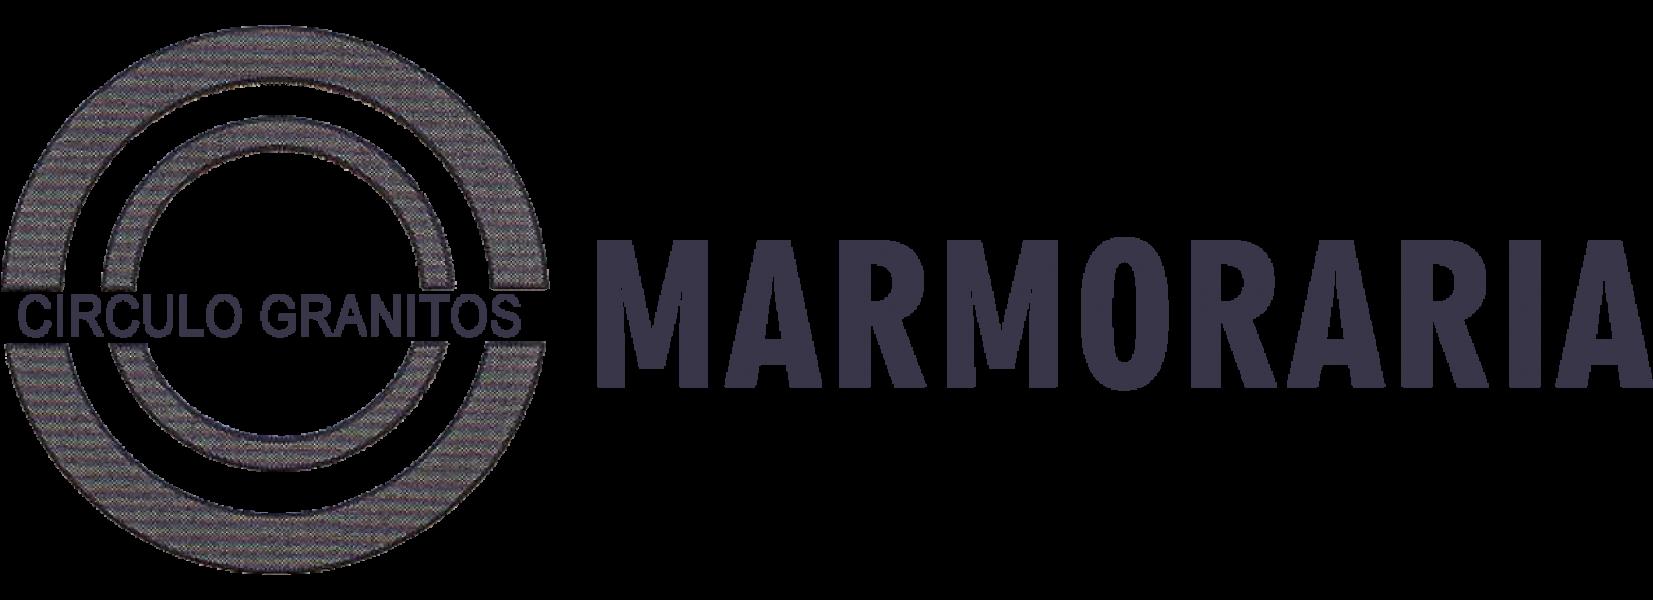 Circulo Mármores e Granitos